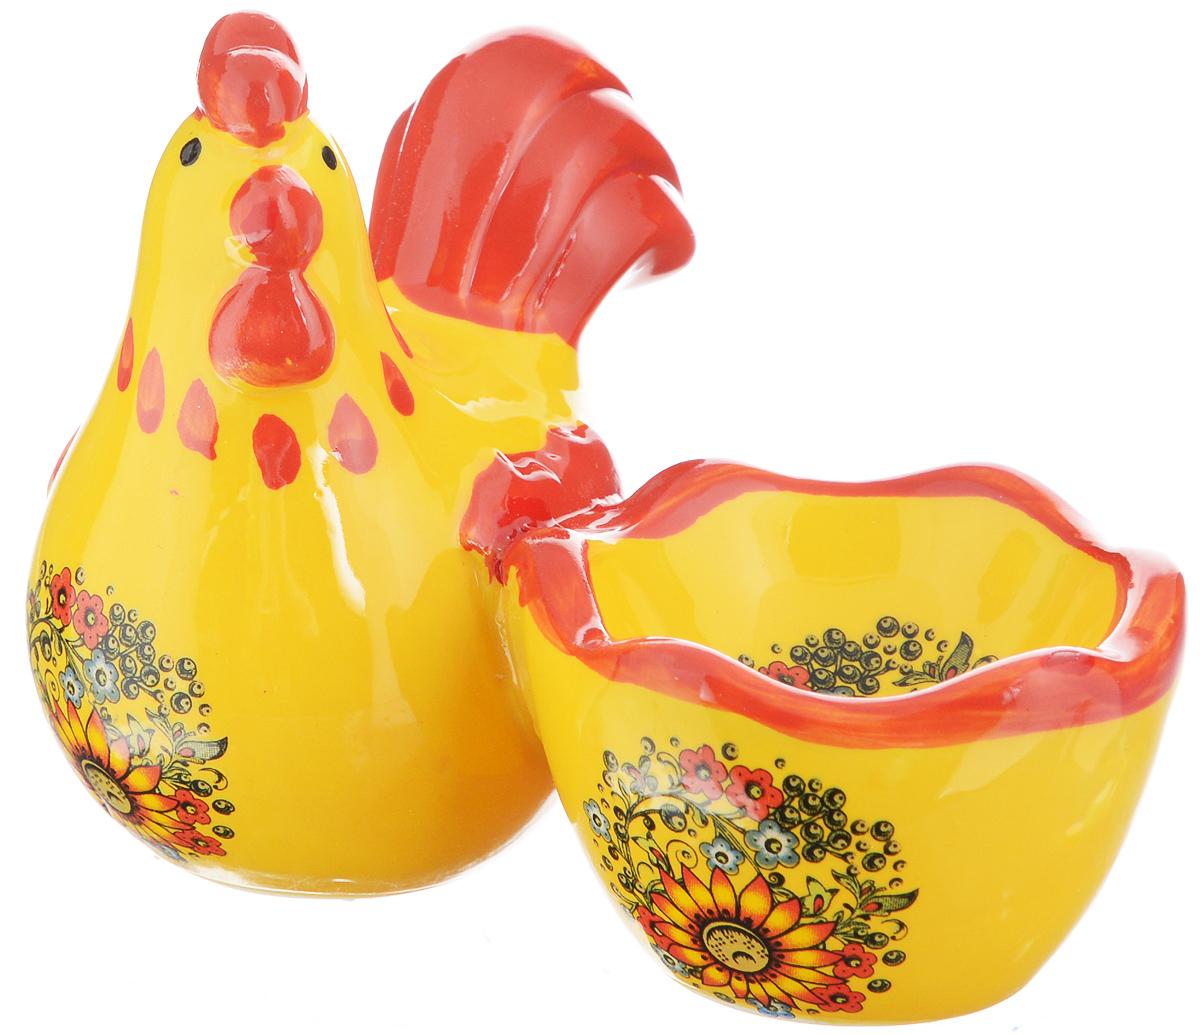 Подставка под яйцо Home Queen Узорная. 64252W10700009Подставка под яйцо Home Queen Узорная изготовлена из высококачественной глазурованной керамики, расписанной красивыми узорами. Изделие представляет собой фигурку курочки с подставкой для одного яйца. Такая подставка станет оригинальным украшением праздничного стола на Пасху и создаст особое настроение. Посуда не предназначена для использования в микроволновой печи и посудомоечной машине. Выдерживает температуру от -10° до +100°С. Не использовать в морозильной камере. Диаметр выемки для яйца: 5 см.